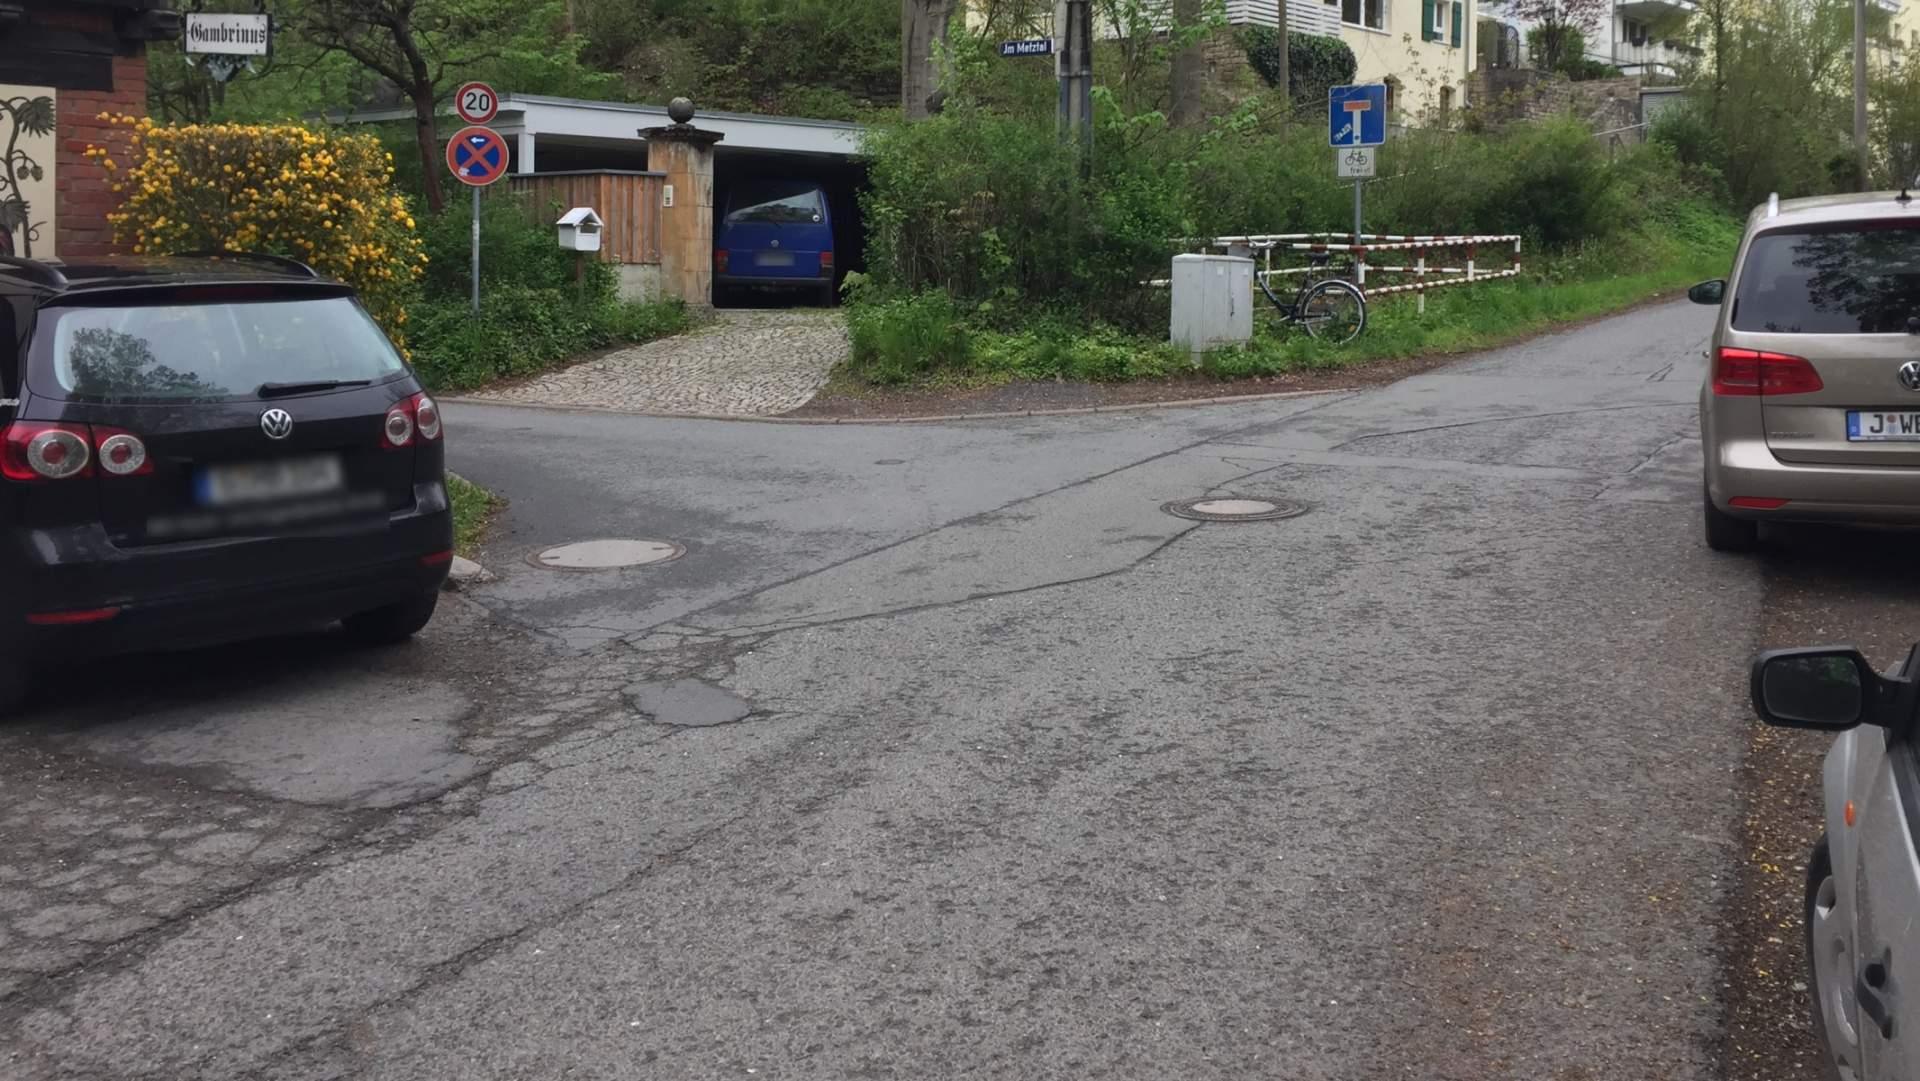 Eine erneuerungsbedürftige Straße - Symbolfoto